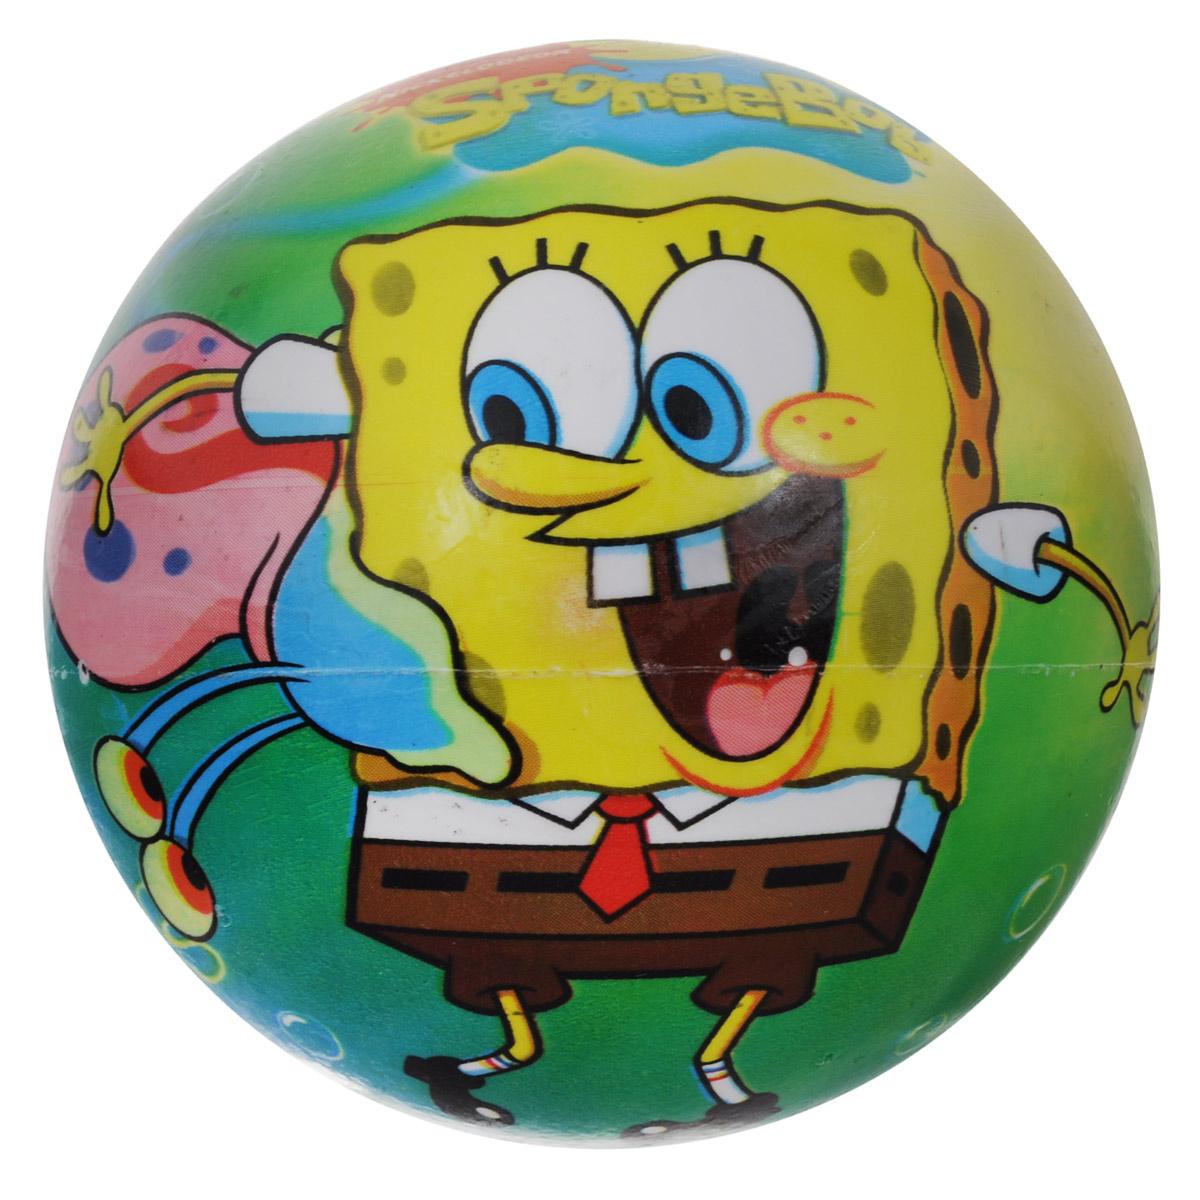 Мяч Mondo Cпанч Боб, 11 см, в ассортименте05/424Мяч Mondo Спанч Боб непременно понравится вашему малышу. Маленький мячик Спанч Боб изготовлен из полимерного материала высокого качества. Мячик отличается высокой износостойкостью и прекрасным качеством принта - изображение не стирается и не выцветает долгое время. Мячик оформлен красочными изображениями героев популярного мультфильма Спанч Боб. Игра в мяч - отличное решение для непоседливого ребенка, чтобы направить его энергию в нужное русло! Небольшой мячик идеально подойдет для легких и веселых детских игр в песочнице или на большой площадке. Занятия с мячом развивают координацию и ловкость, а кроме того, способствуют социализации и развитию навыков общения со сверстниками. УВАЖАЕМЫЕ КЛИЕНТЫ! Товар поставляется в ассортименте. Поставка осуществляется в одном из приведенных вариантов в зависимости от наличия на складе.